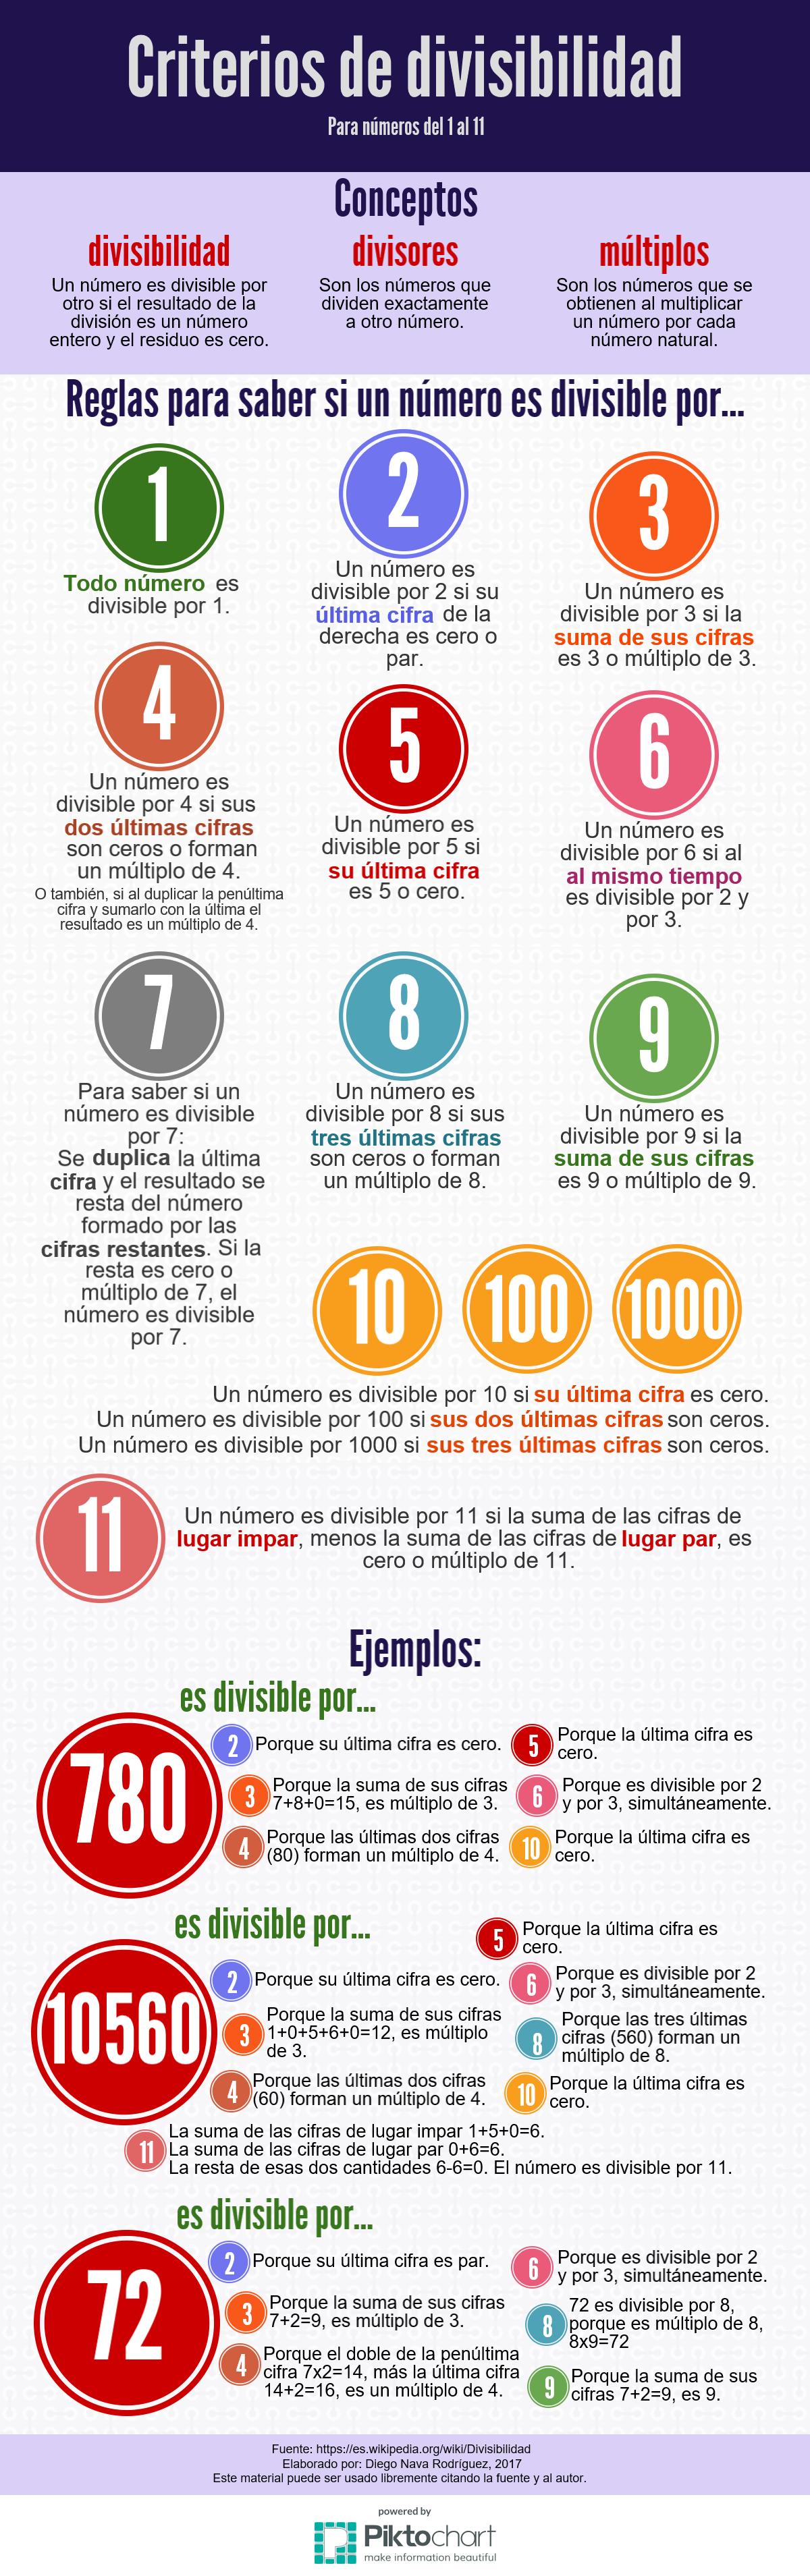 Infografía que enuncia los criterios de divisibilidad del 1 al 11, con ejemplos. Matemáticas, aritmética, múltiplos y divisores. Criterios de divisibilidad http://elbazardediego.blogspot.com/2017/01/criterios-de-divisibilidad.html